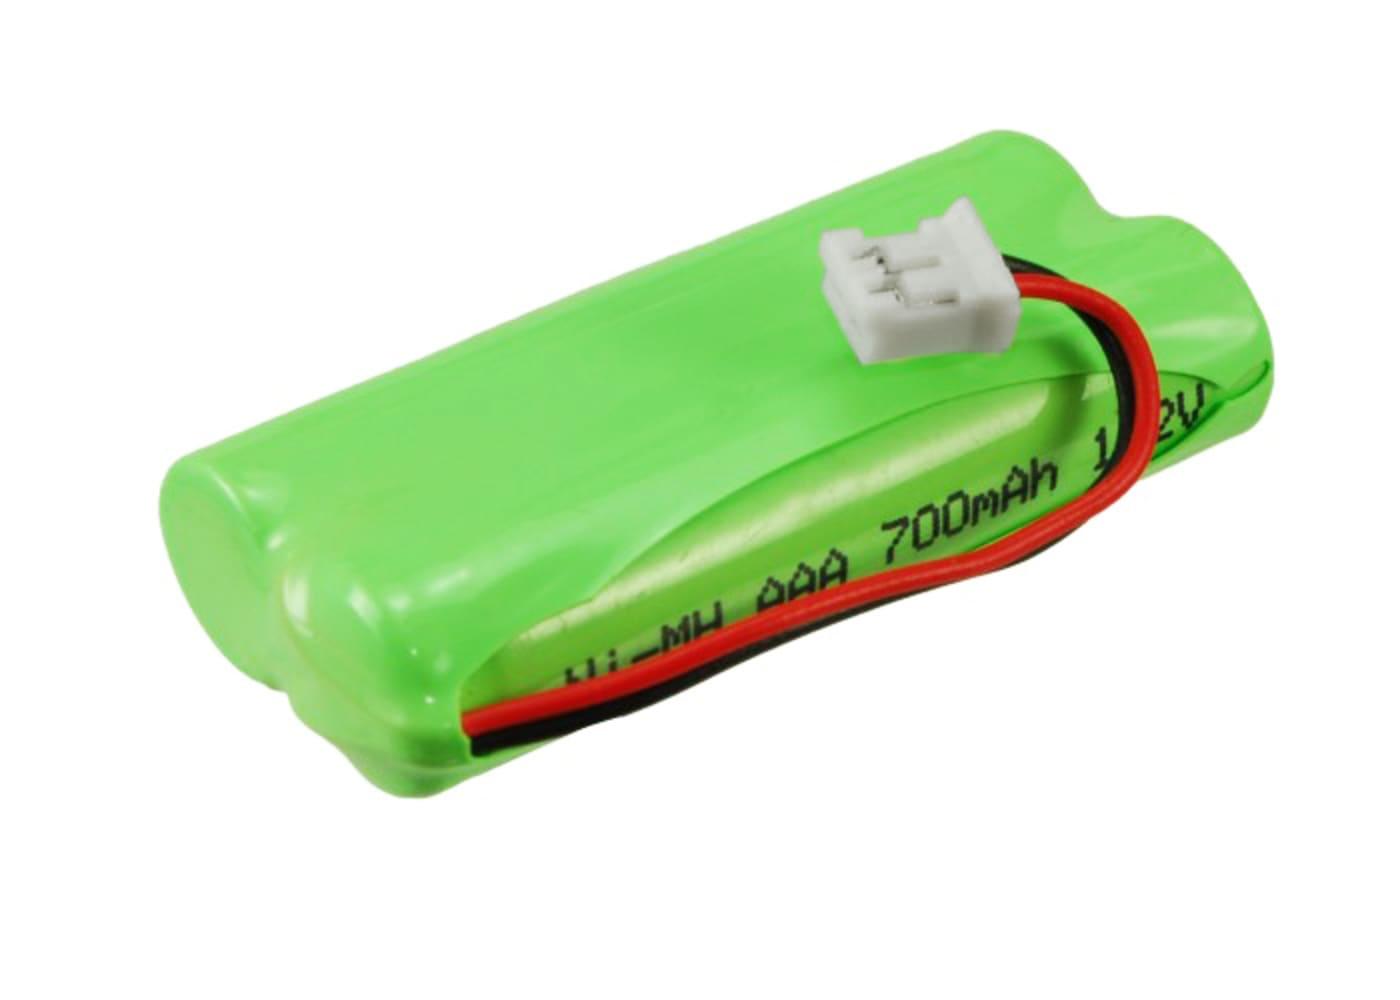 Batterie pour téléphone fixe Sagem D16T Duo 2, D16T Duo, D16T, Sagem D18T, Sagem D21T - 2SN-AAA55H-S-JP1 700mAh